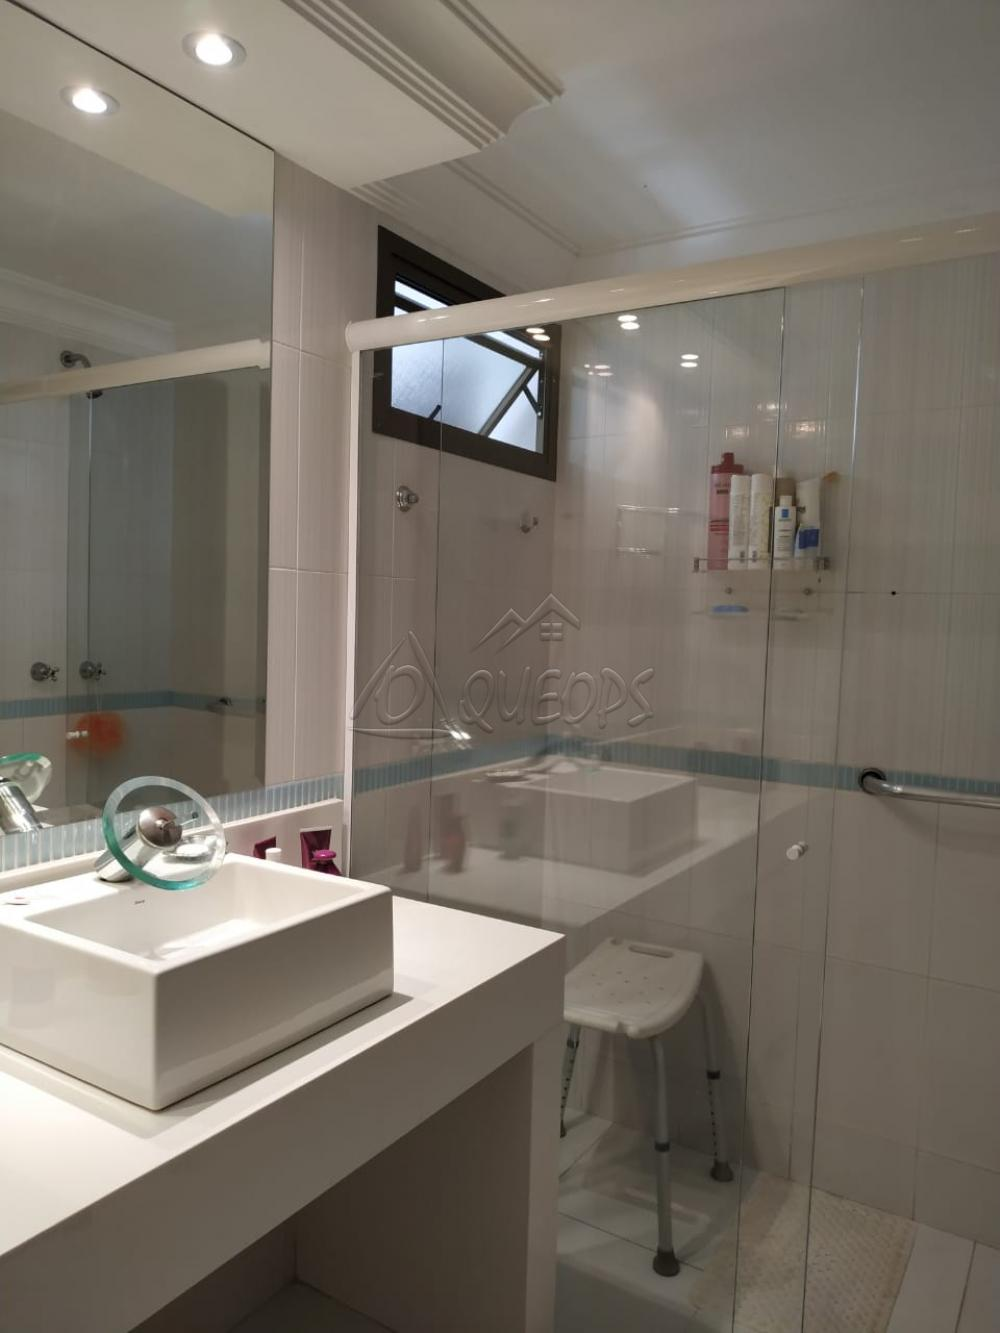 Comprar Apartamento / Padrão em Barretos apenas R$ 1.200.000,00 - Foto 24